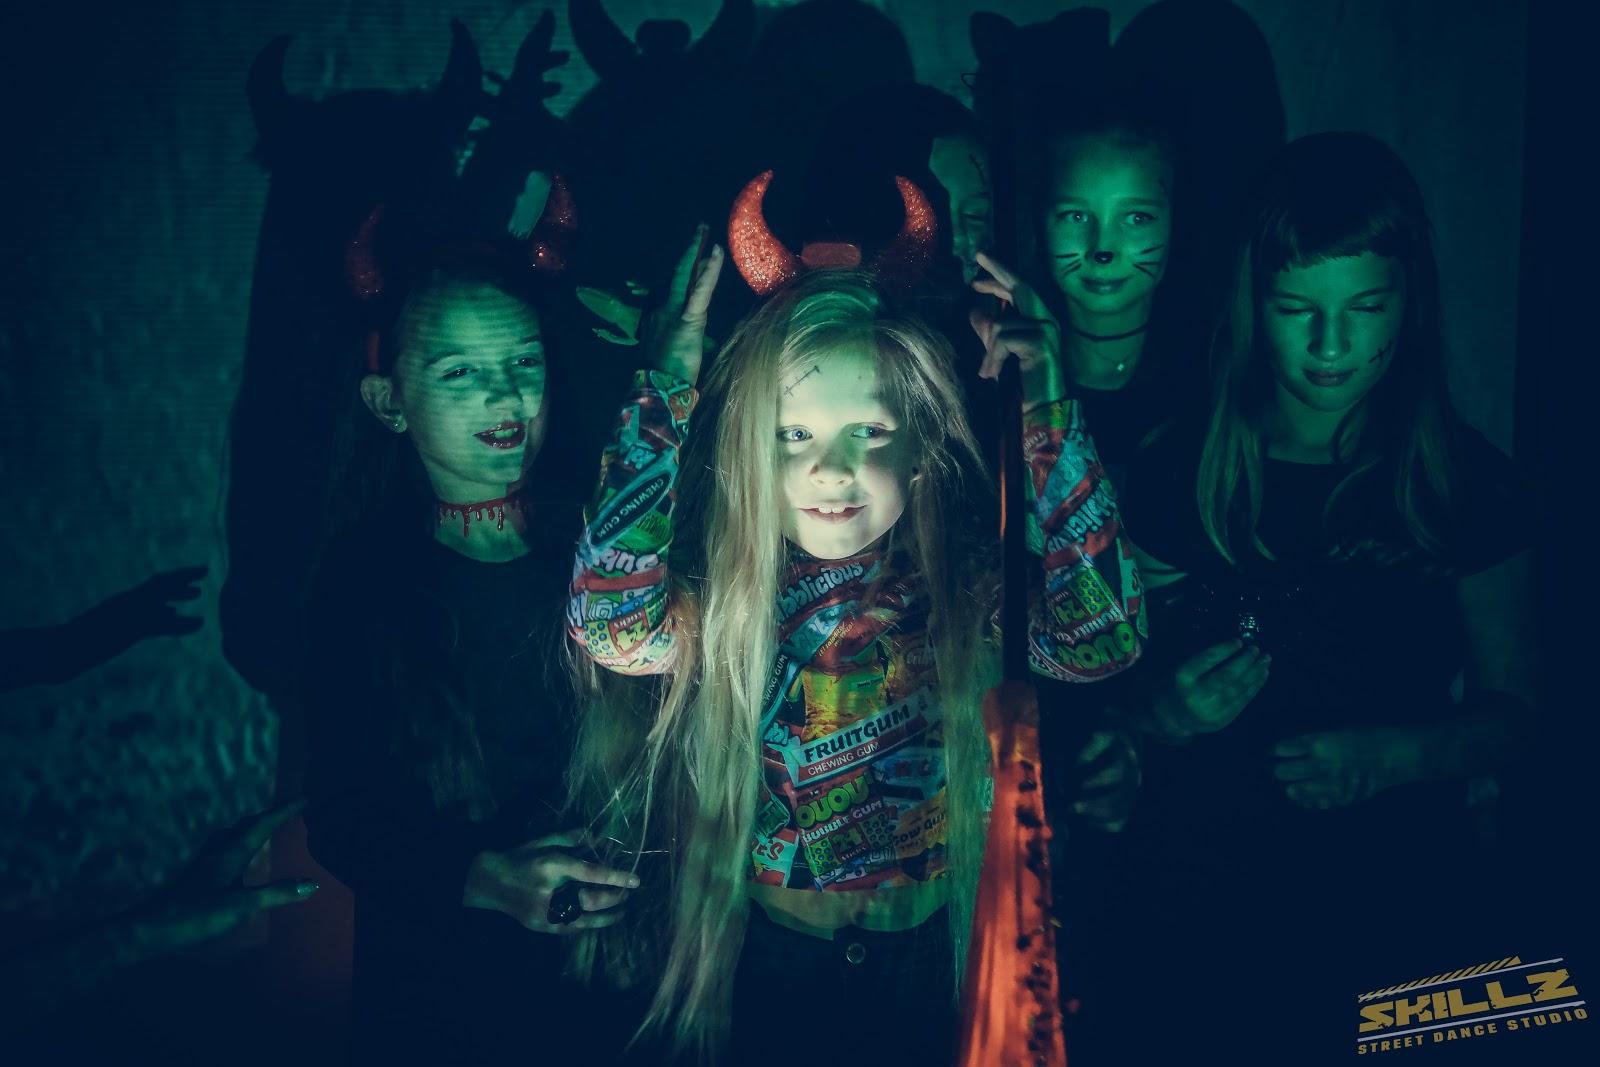 Naujikų krikštynos @SKILLZ (Halloween tema) - PANA1433.jpg